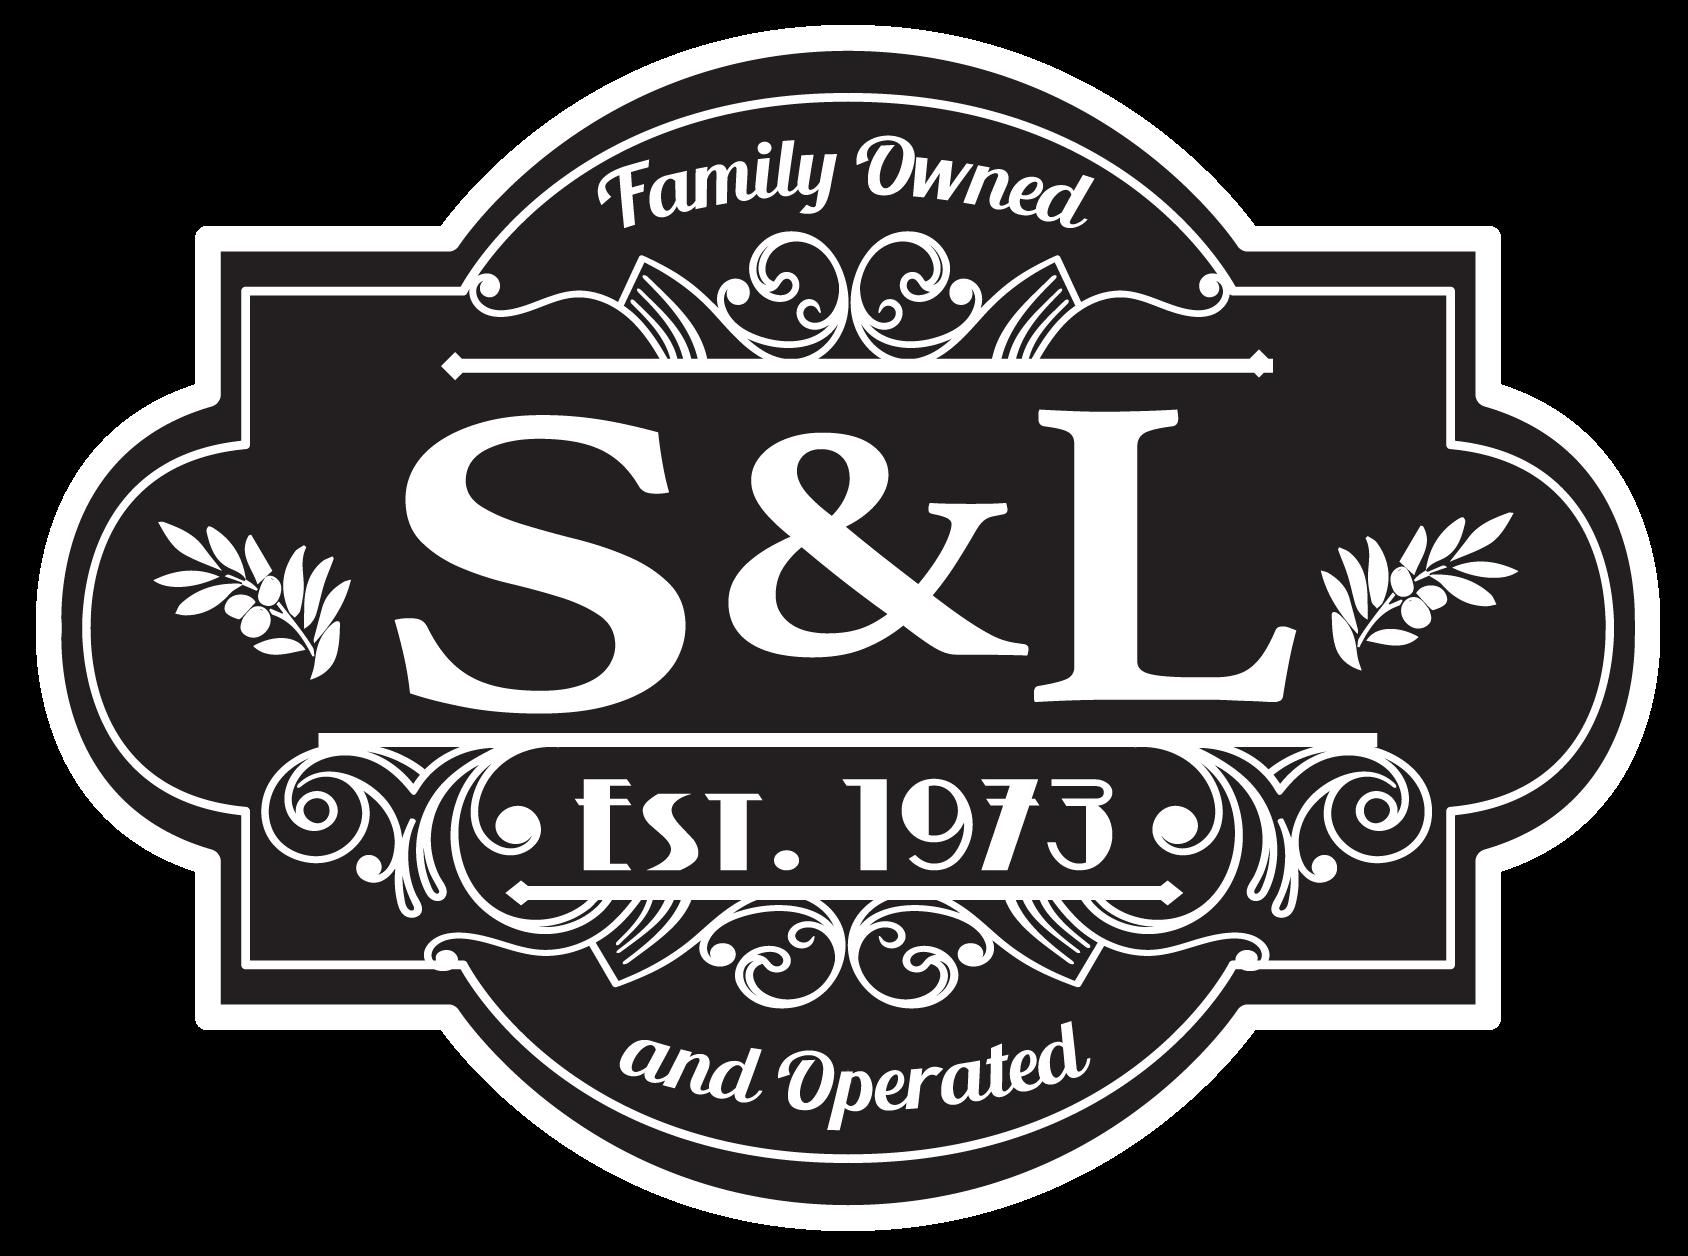 S&L Subs